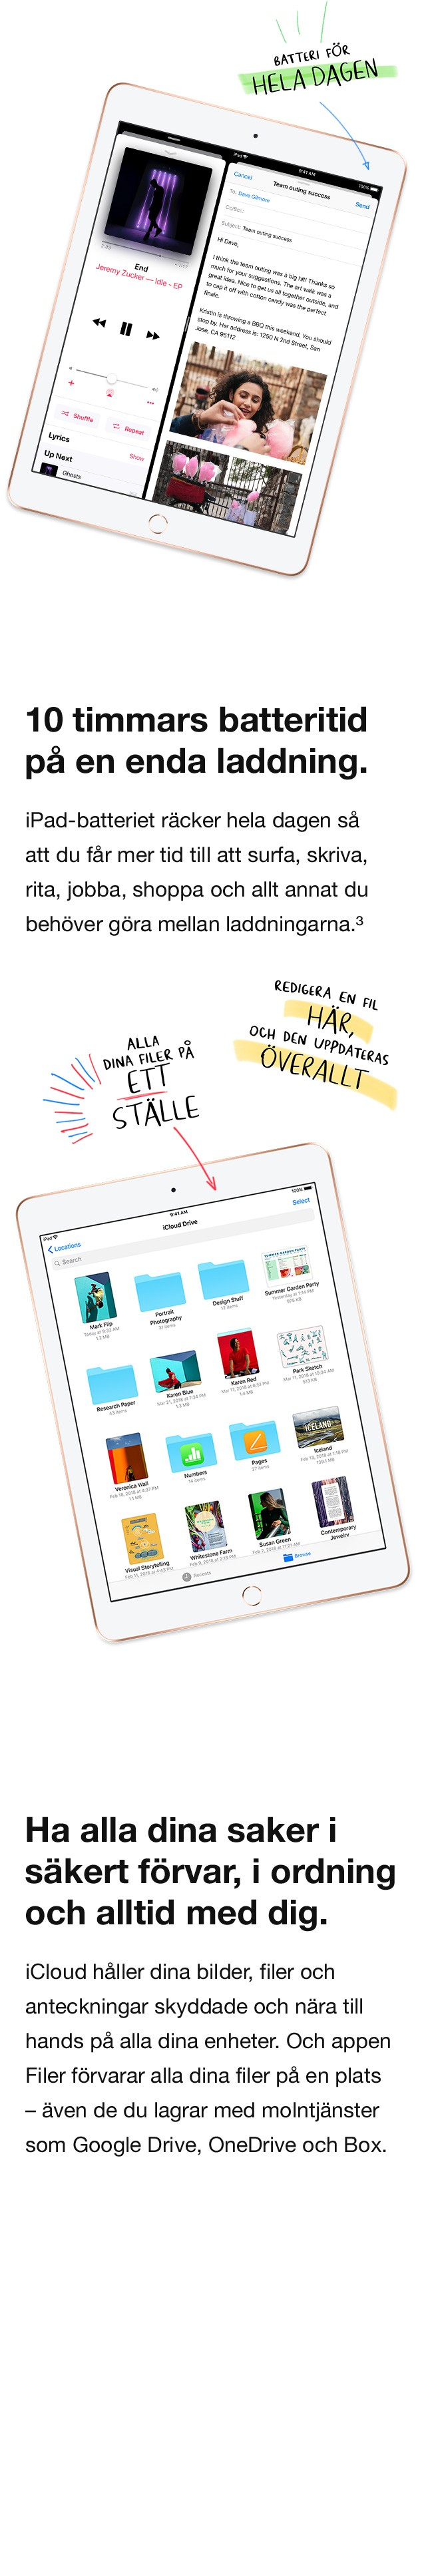 iPad är riktigt enkel att lära sig att använda och passar för alla. Multi-touch-gester gör det enkelt att bläddra bland dina bilder, redigera de och att organisera dina filer